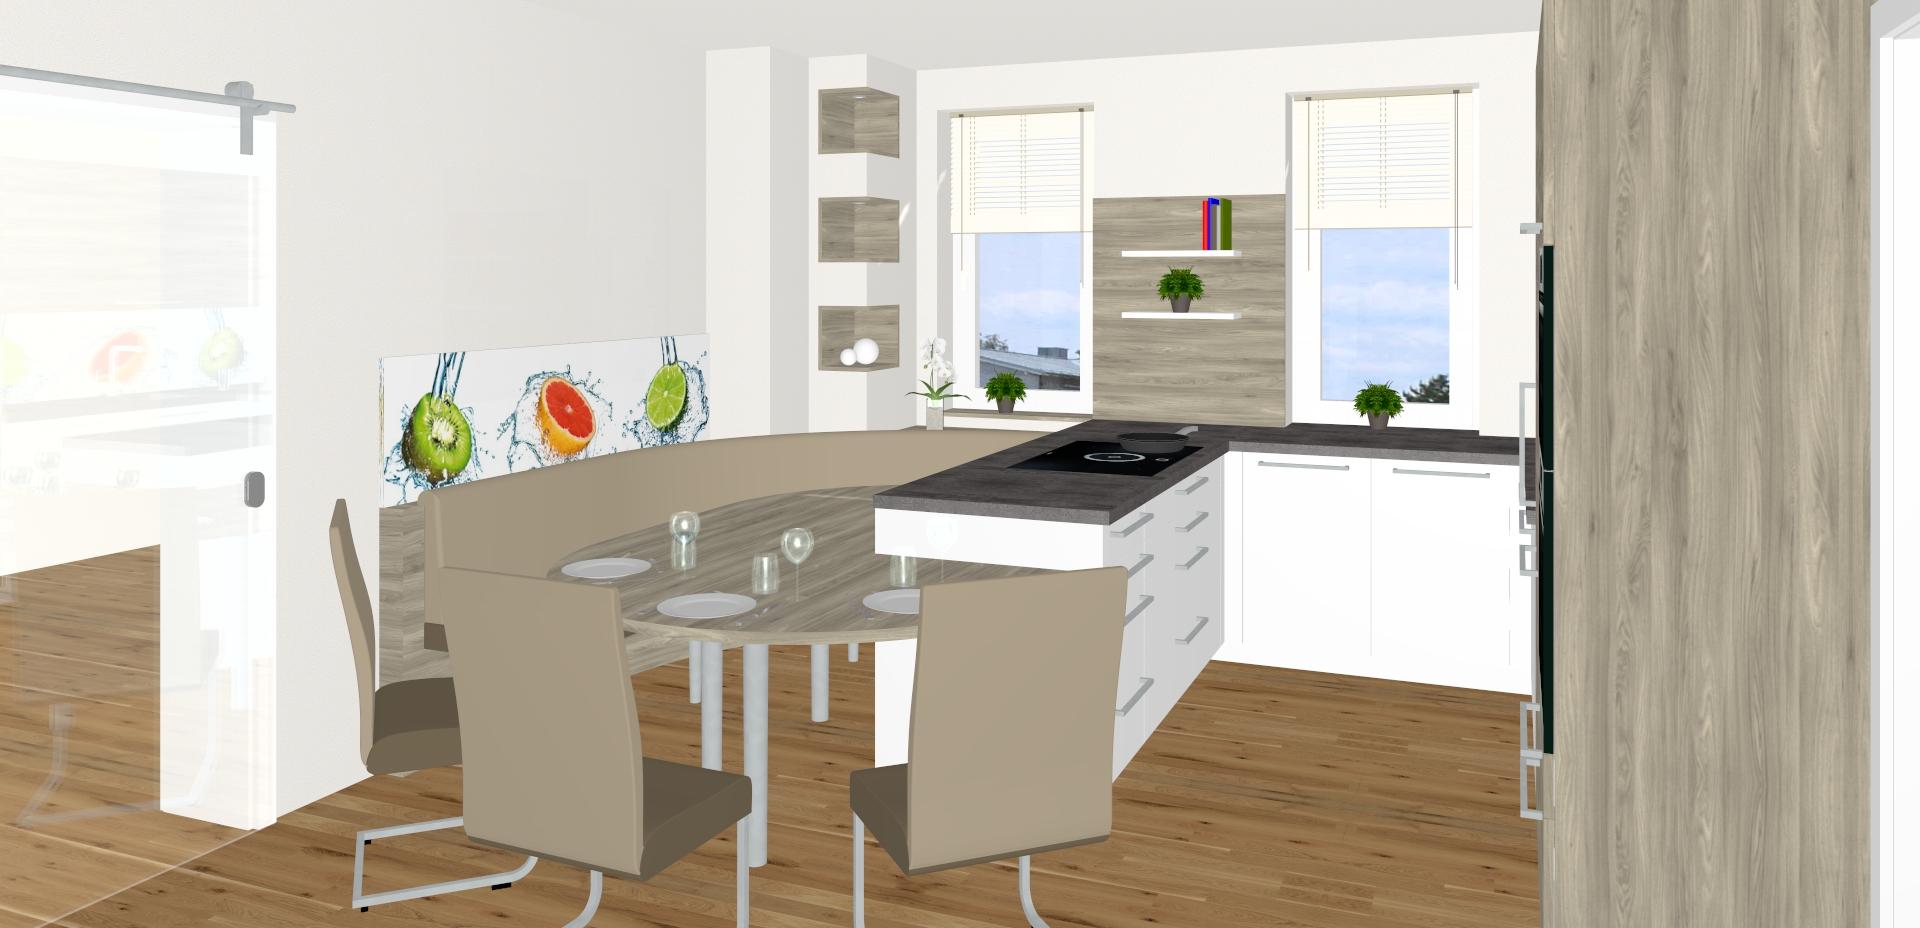 Küche mit ovalem Anbautisch in Pasching